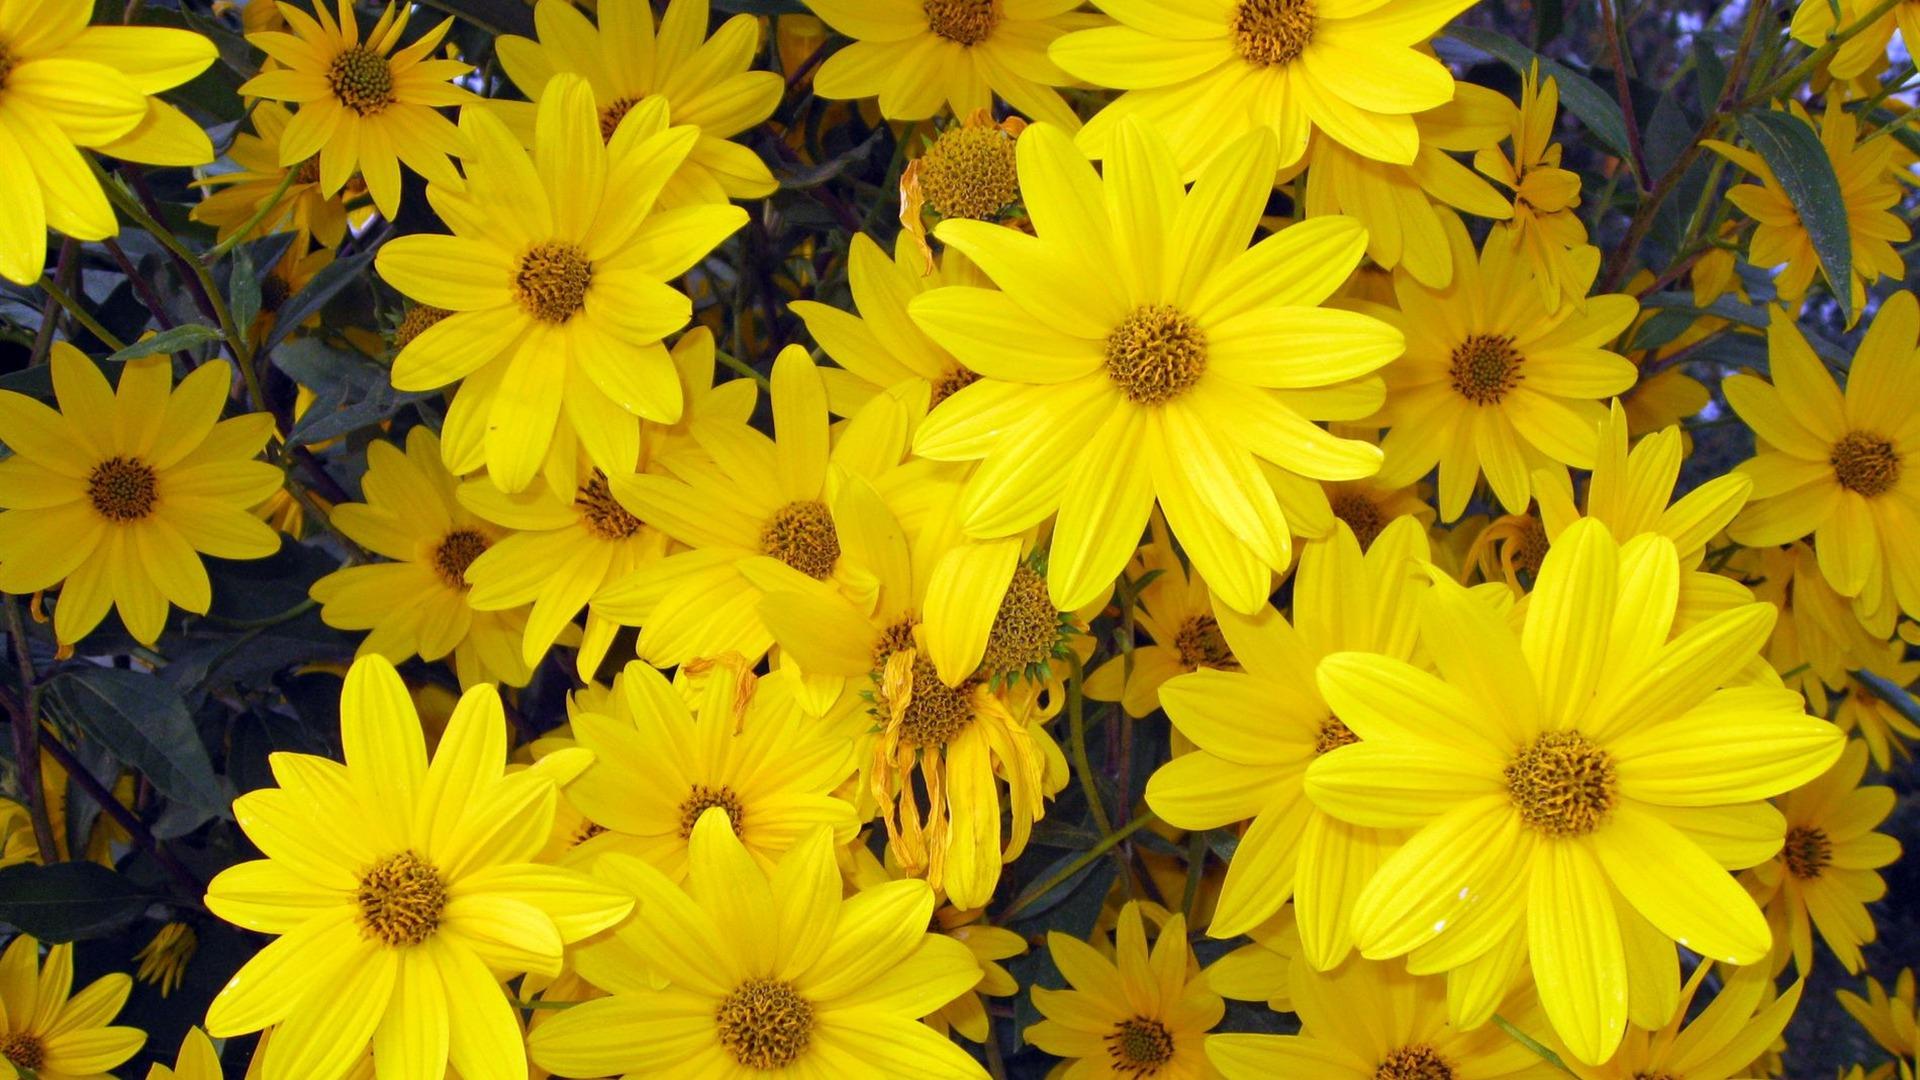 Beautiful Yellow Flower Hd Desktop Wallpaper High Definition 1920x1080